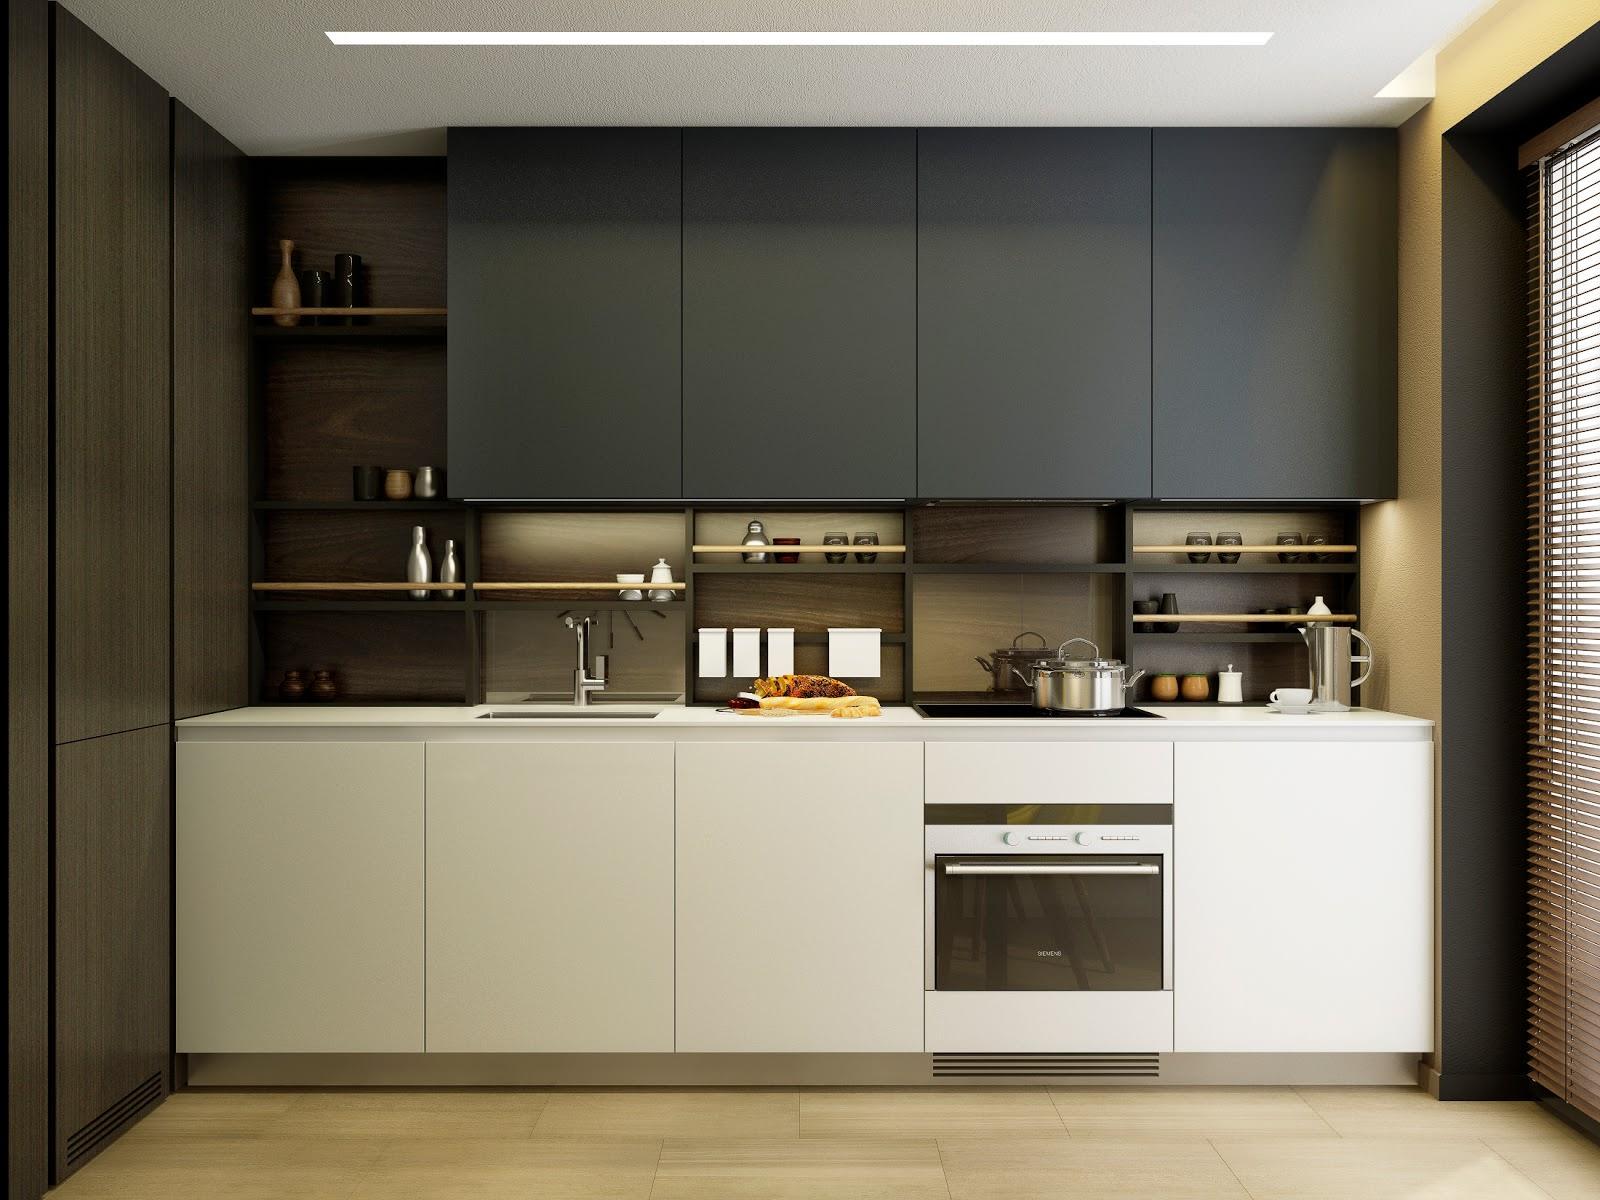 кухня без окон идеи дизайна